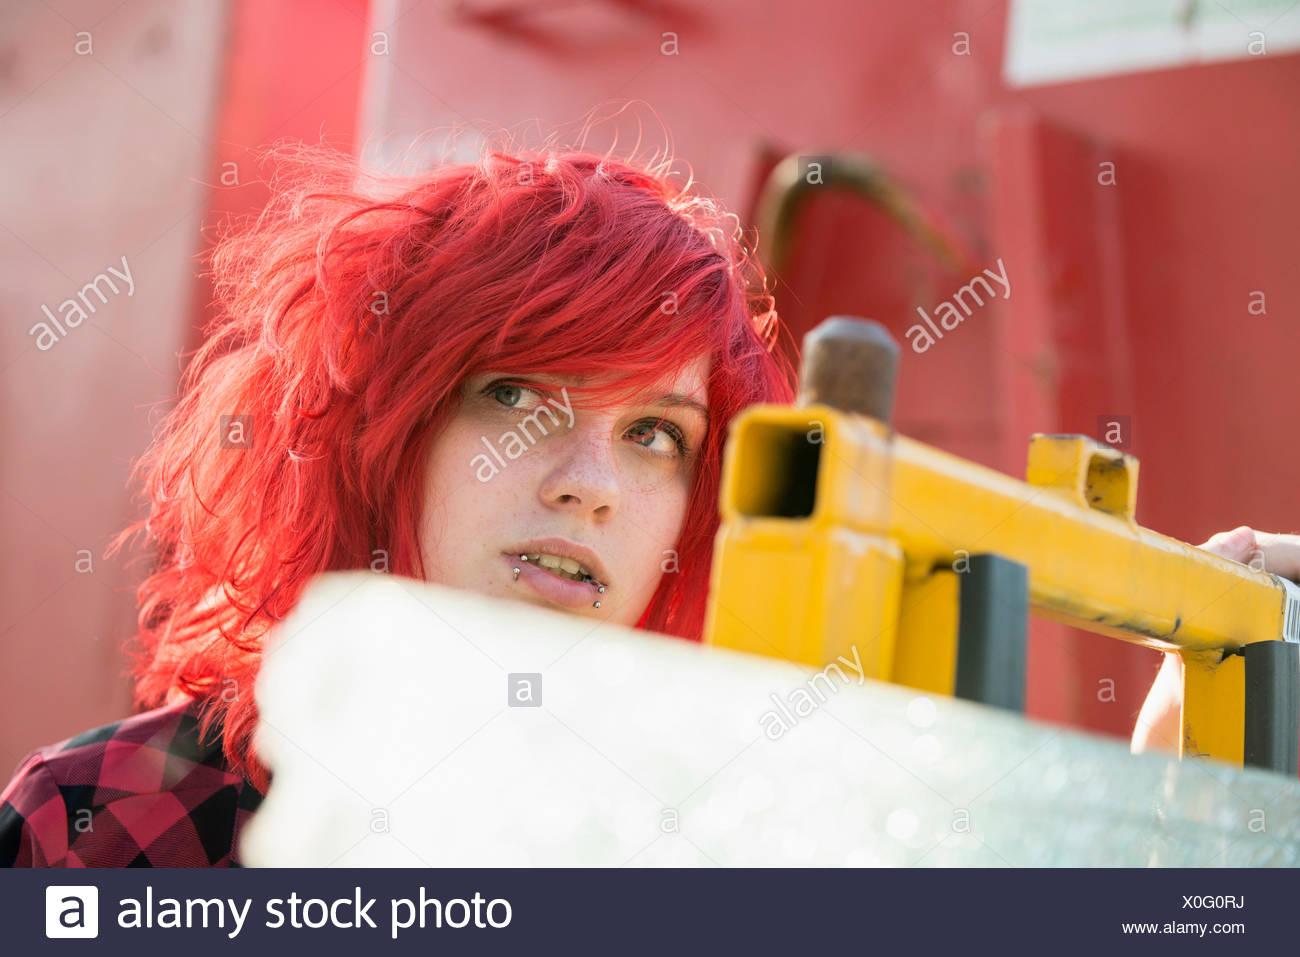 Giovane ragazza adolescente tinto rosso piercing per capelli Immagini Stock